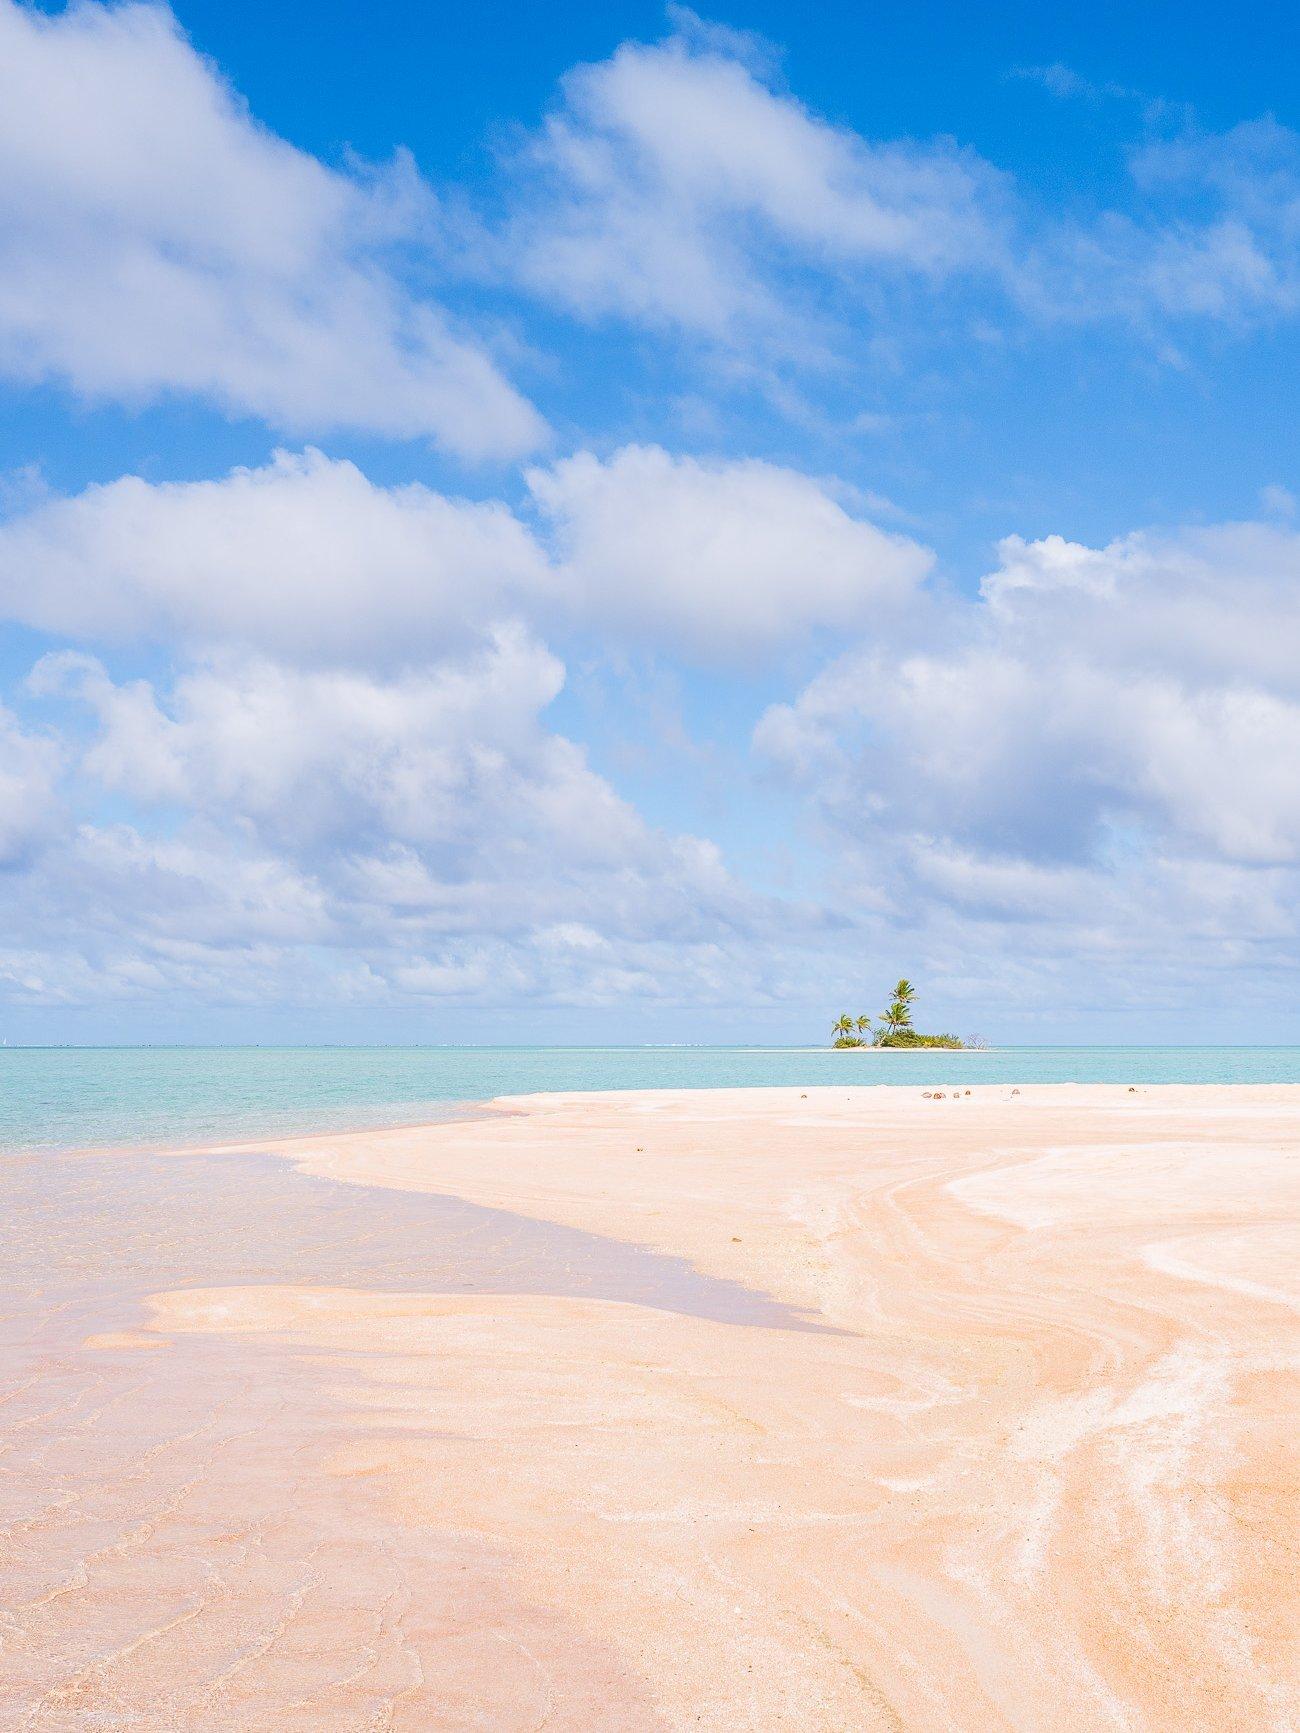 Plage de sable rose Fakarava